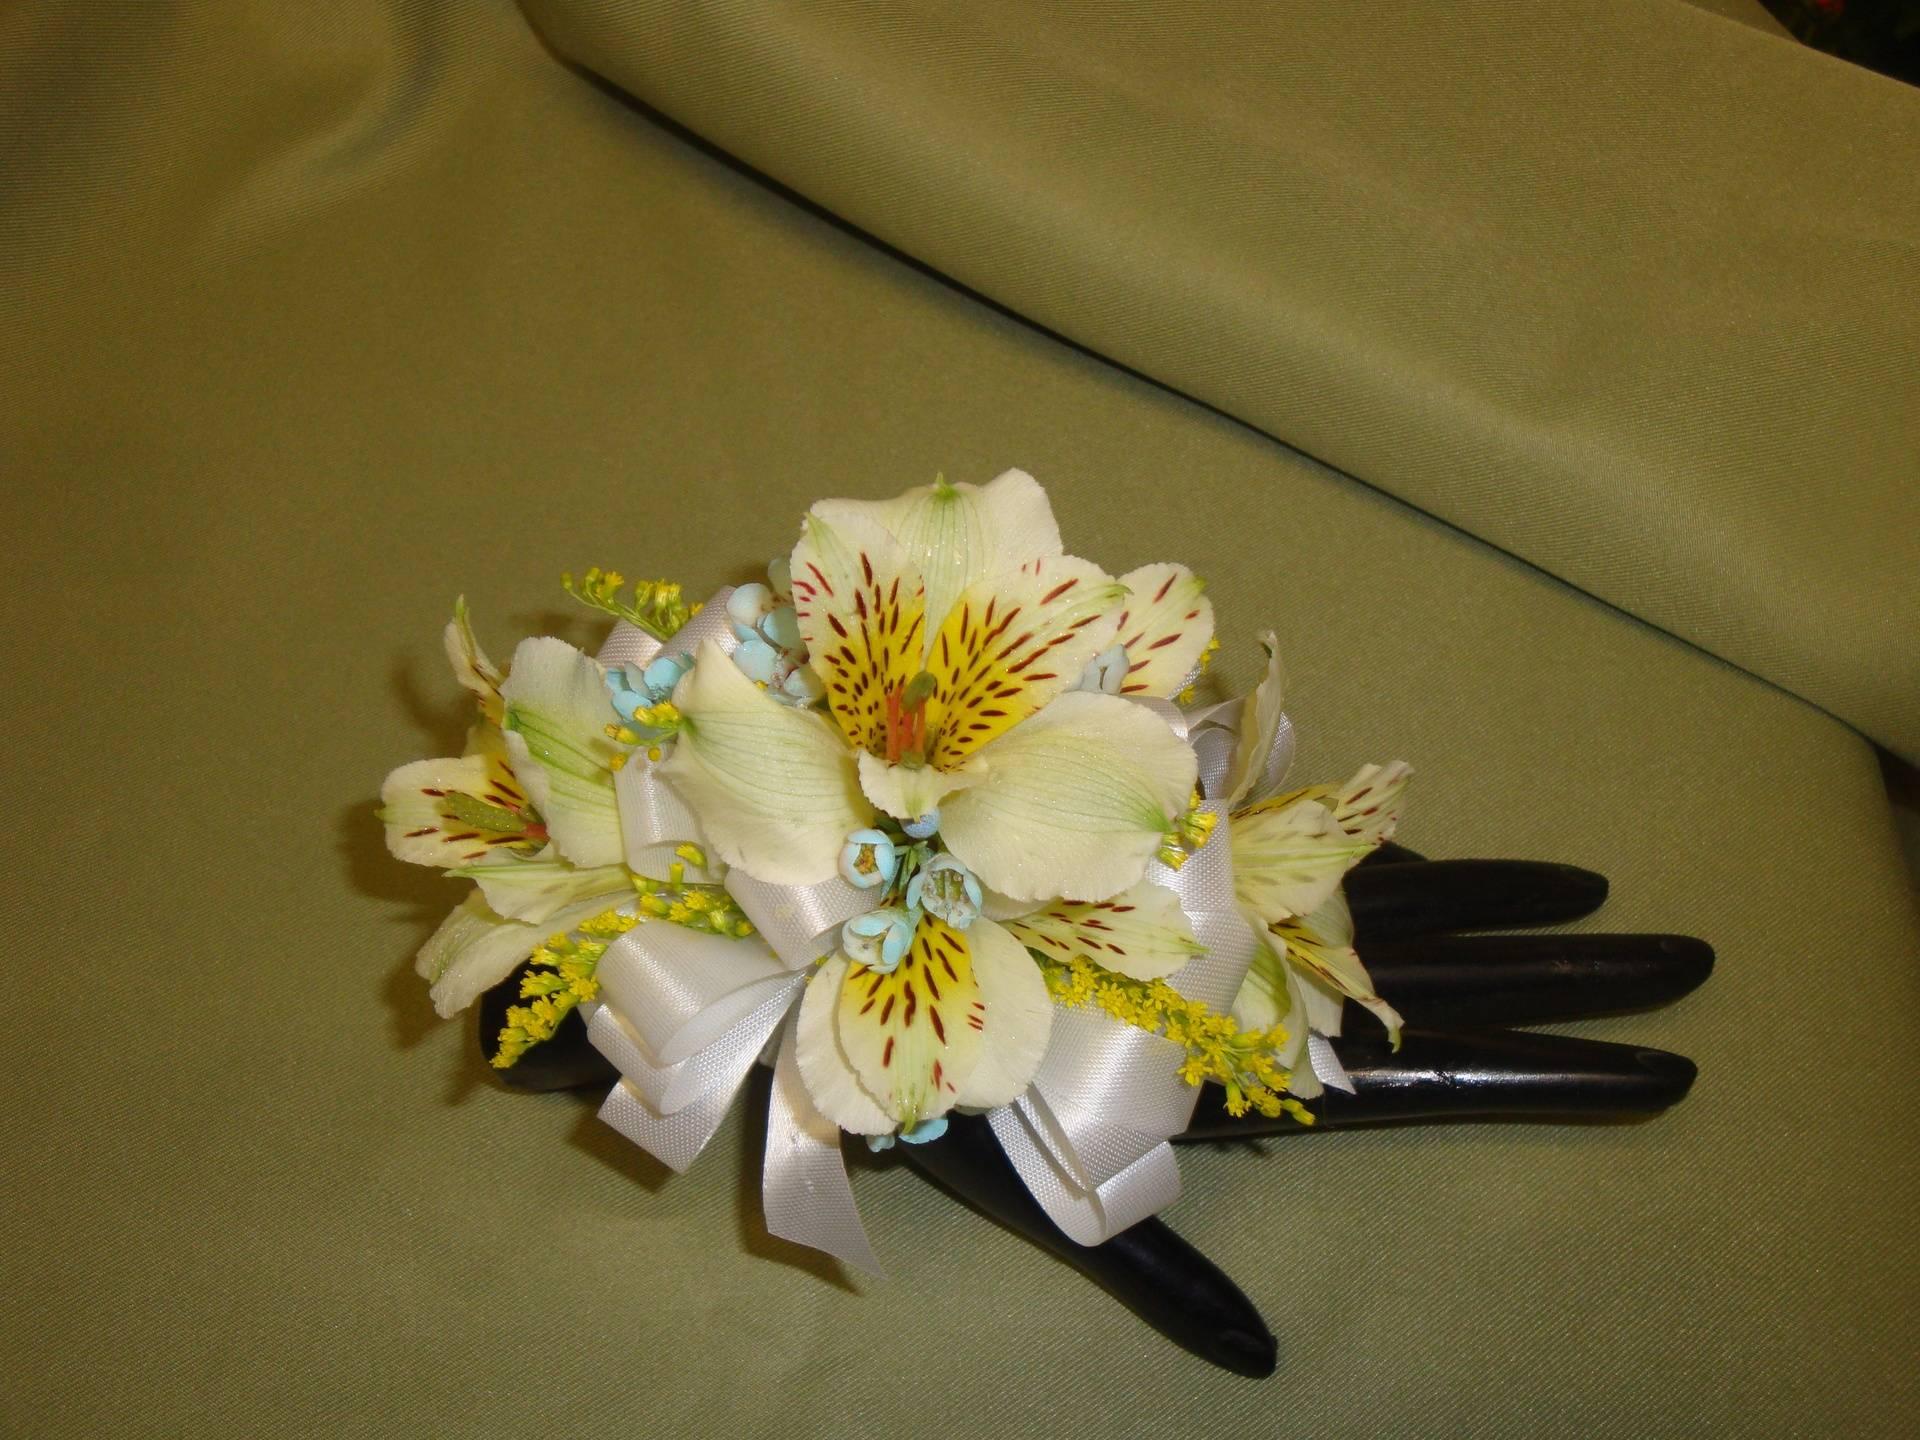 Alstromeria Wrist corsage